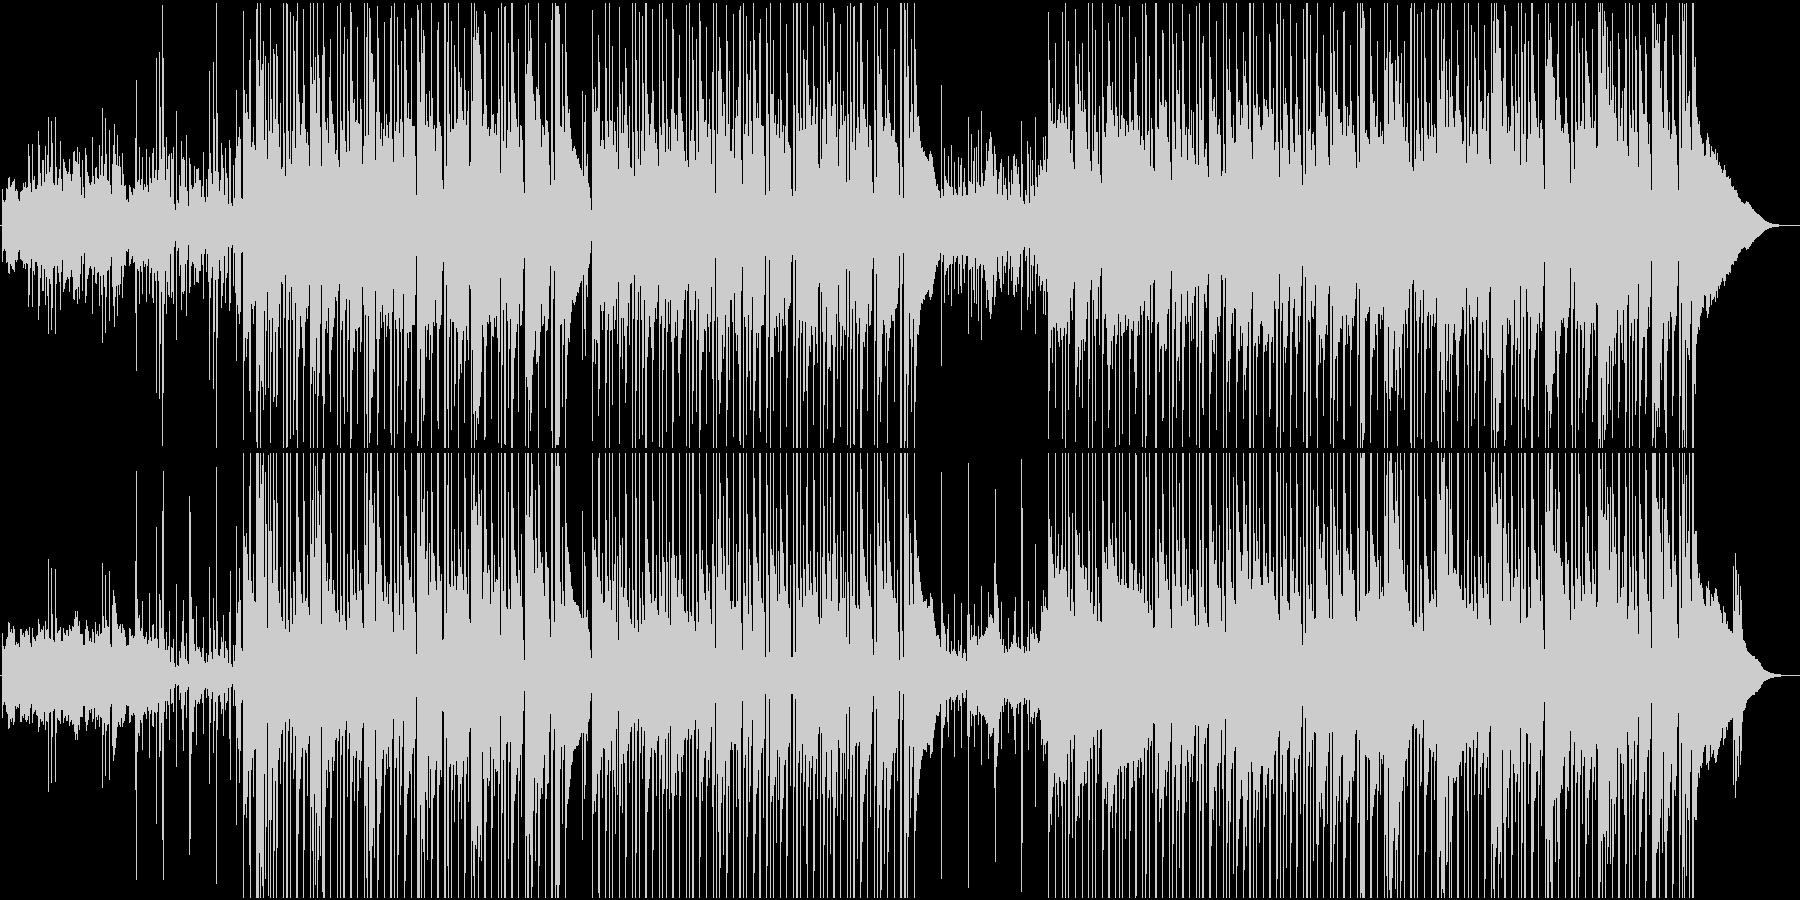 のんびりウクレレのハワイアン楽曲の未再生の波形